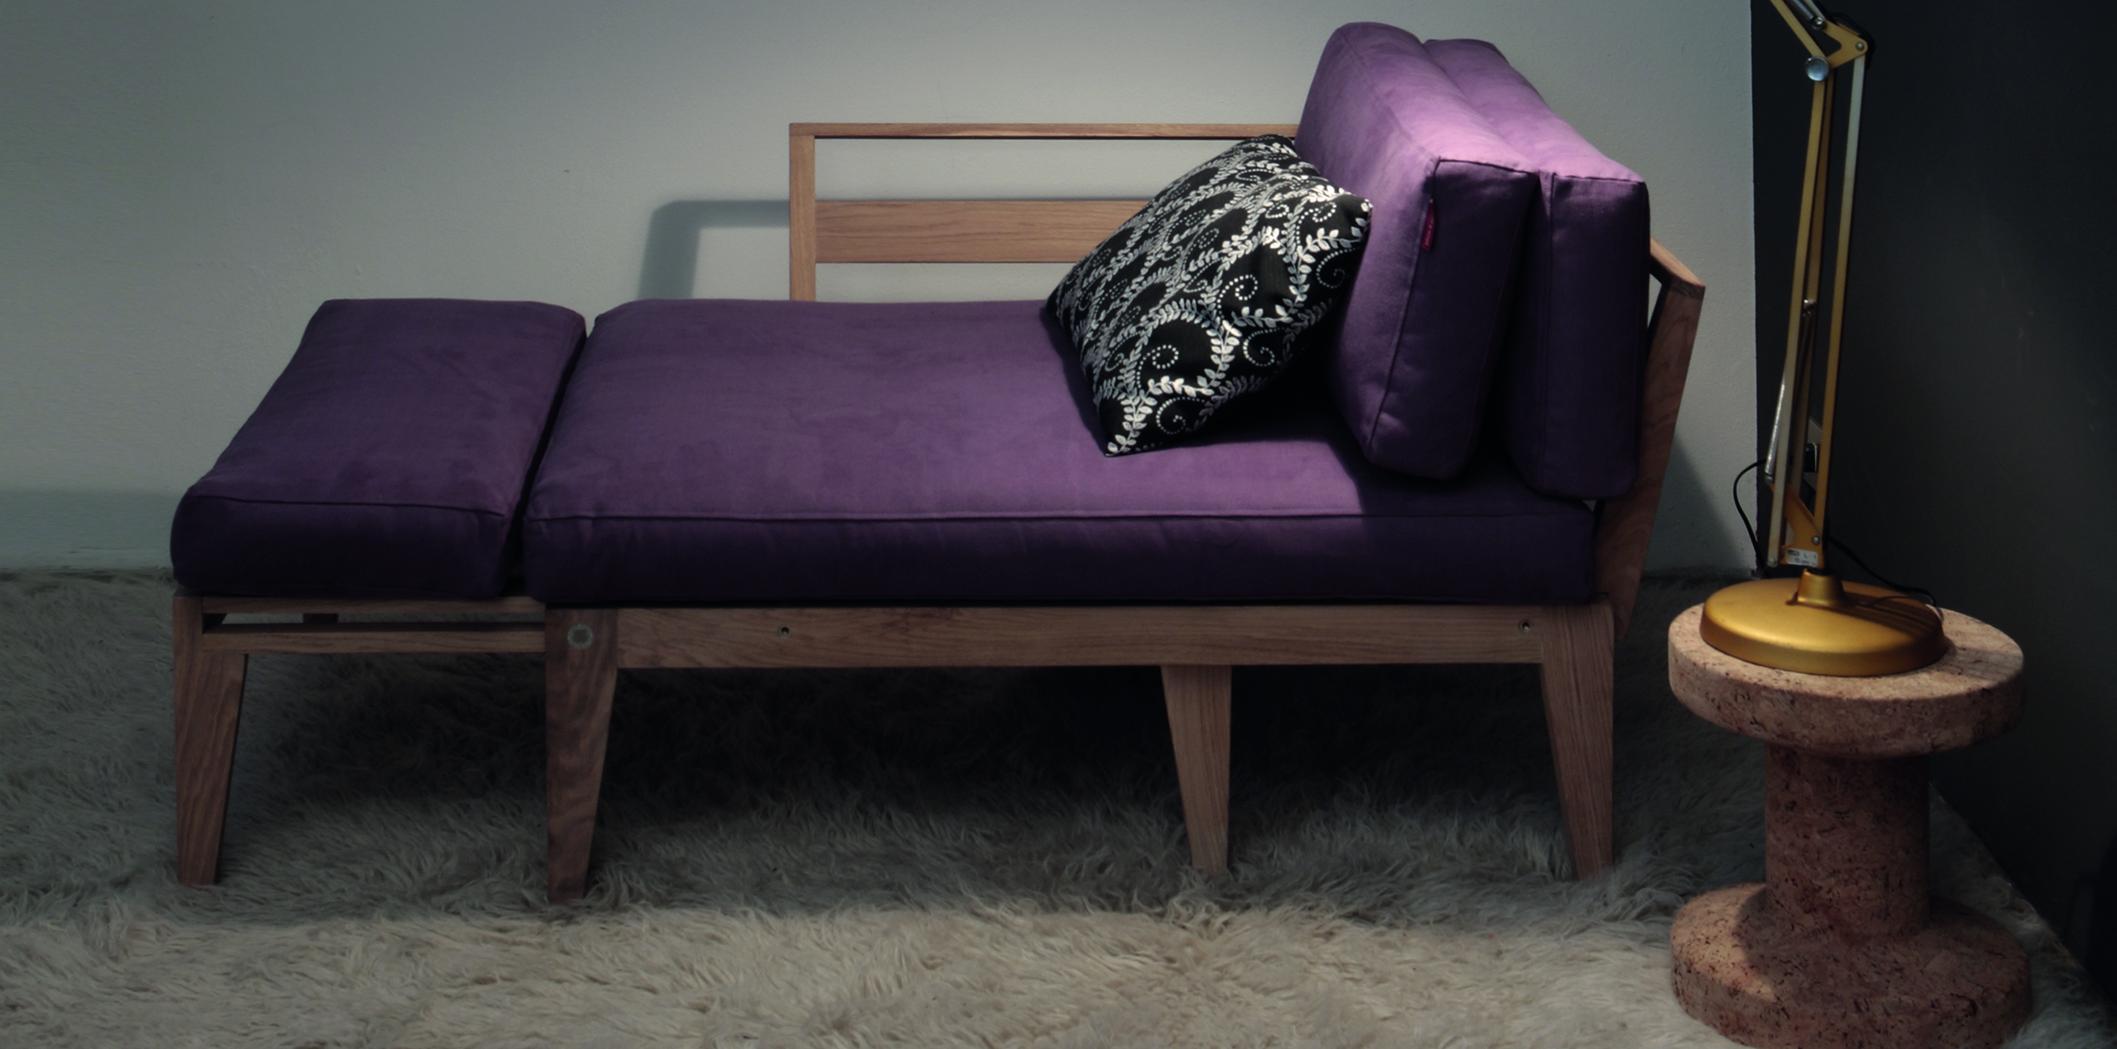 Eclettica viola semi aperta